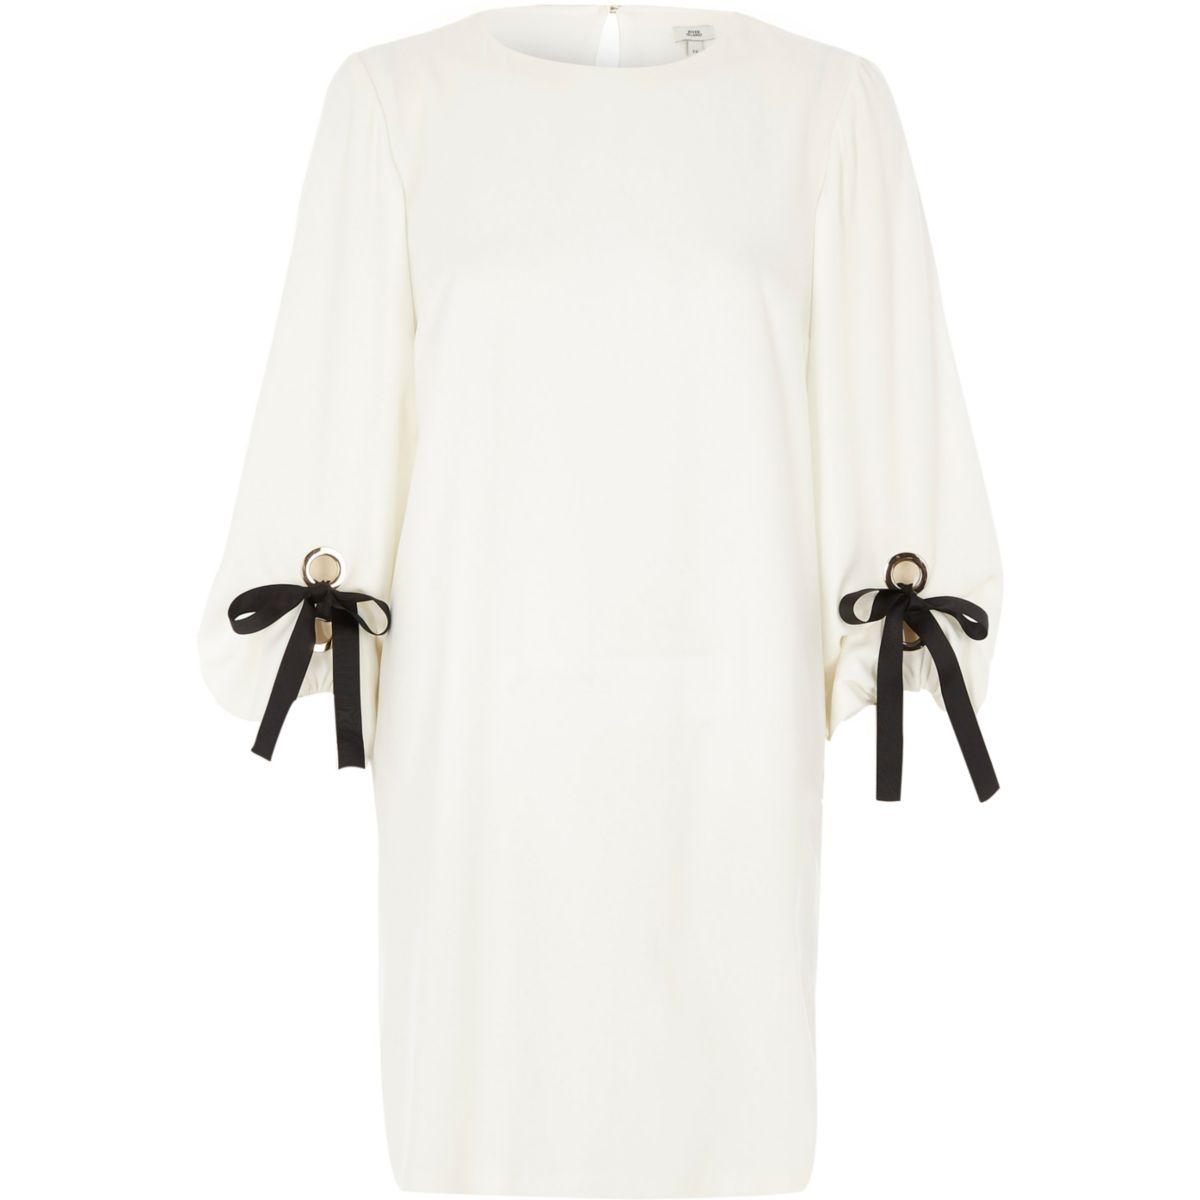 Weißes Swing-Kleid mit geschnürten Ballonärmeln